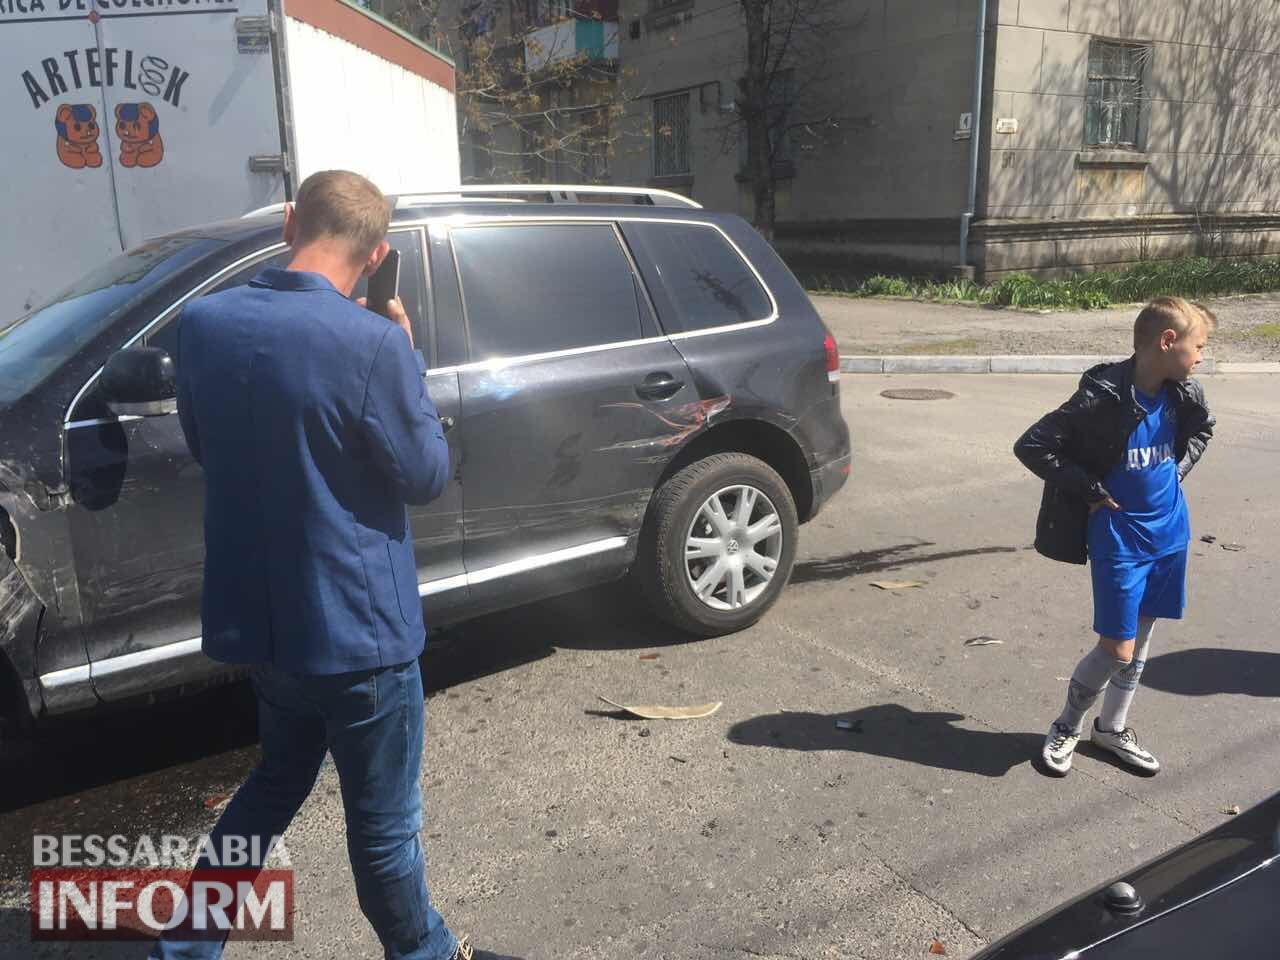 Измаил: на Белгород-Днестровской произошло тройное ДТП